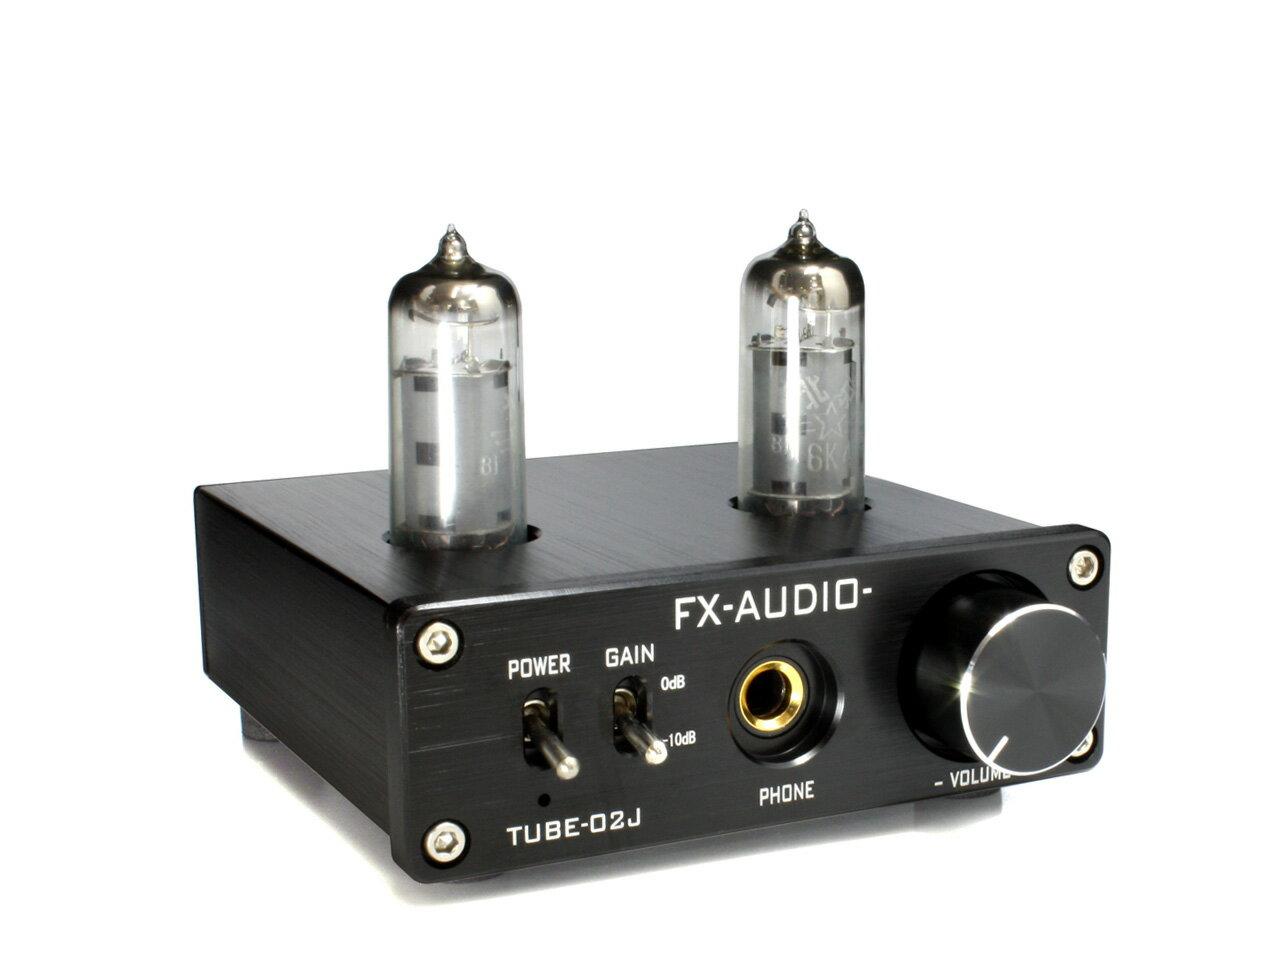 アンプ, ヘッドホンアンプ FX-AUDIO- TUBE-02J 2